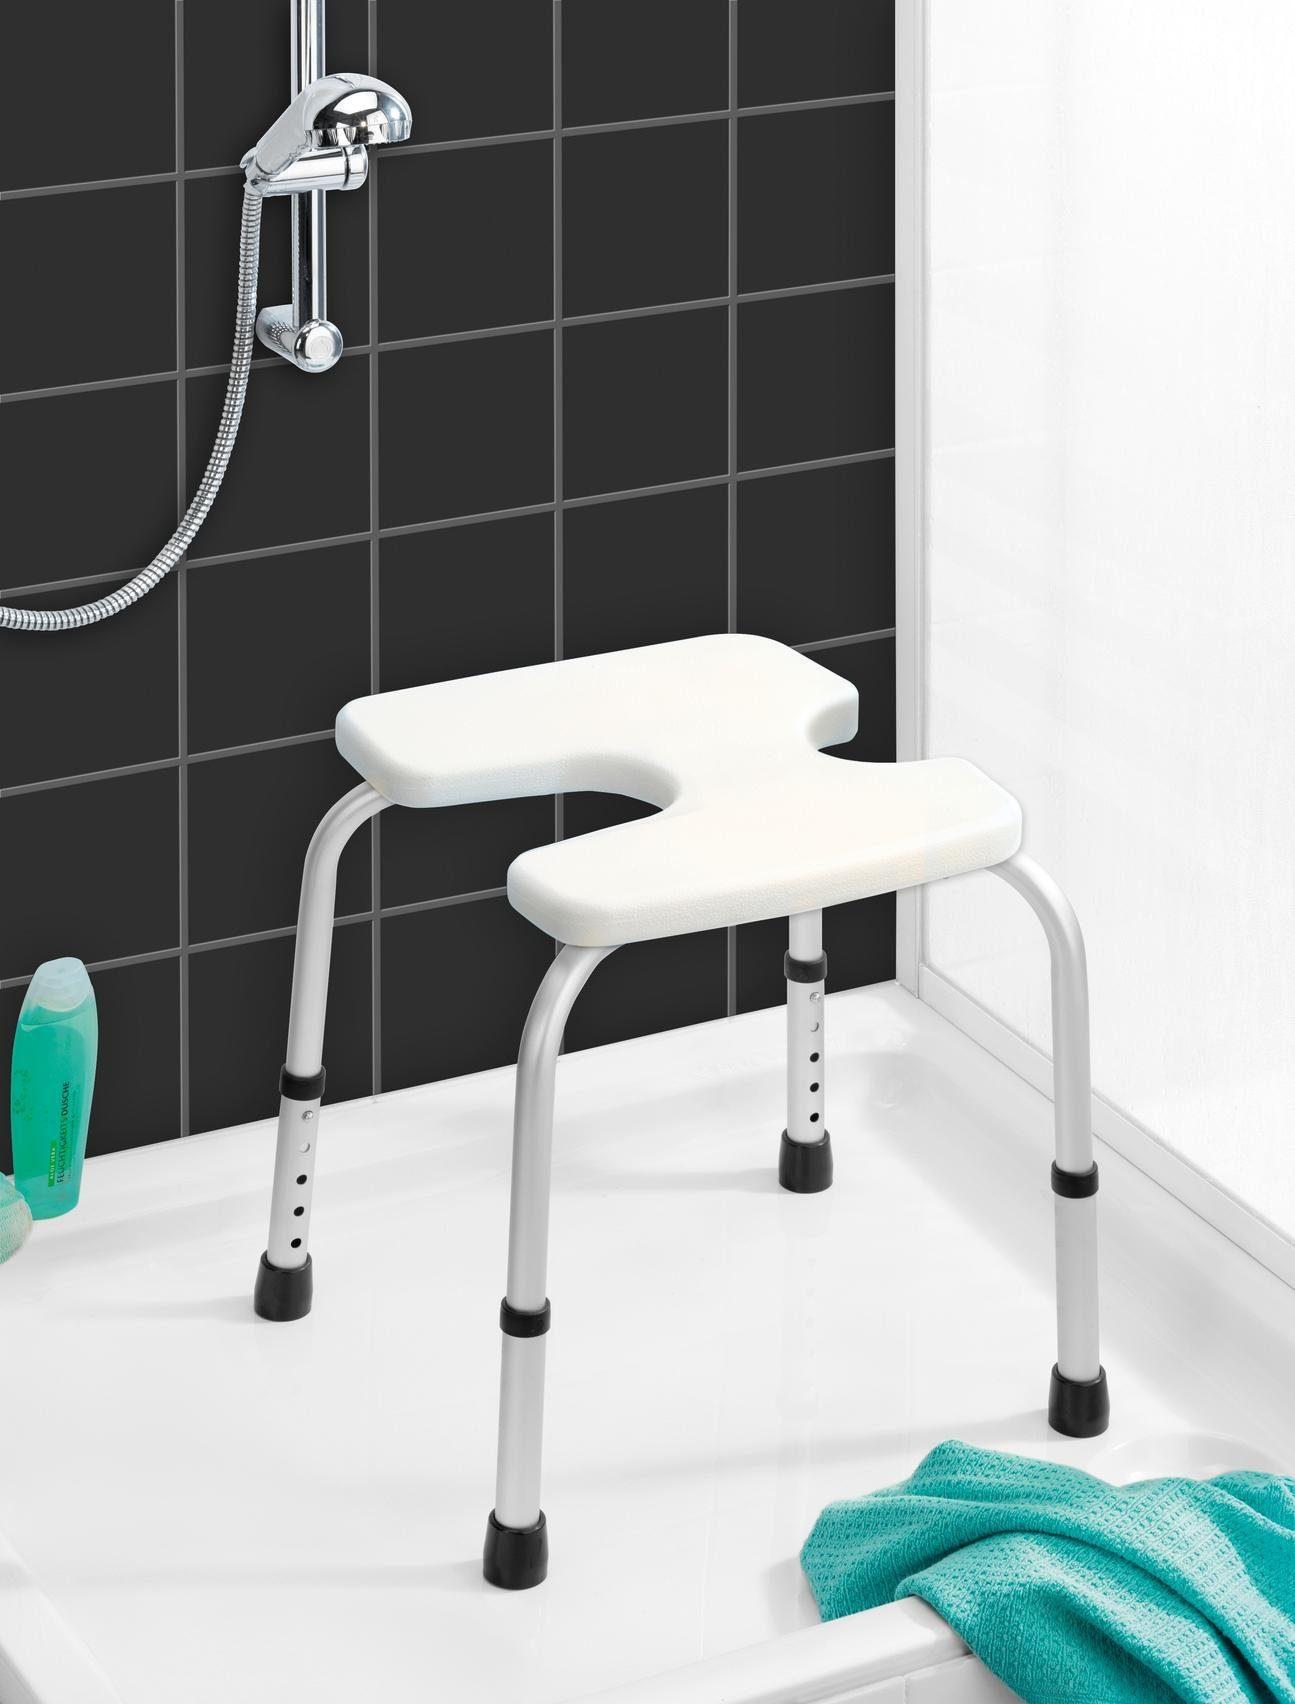 WENKO Hygienehocker Secura, belastbar bis 120 kg, höhenverstellbar